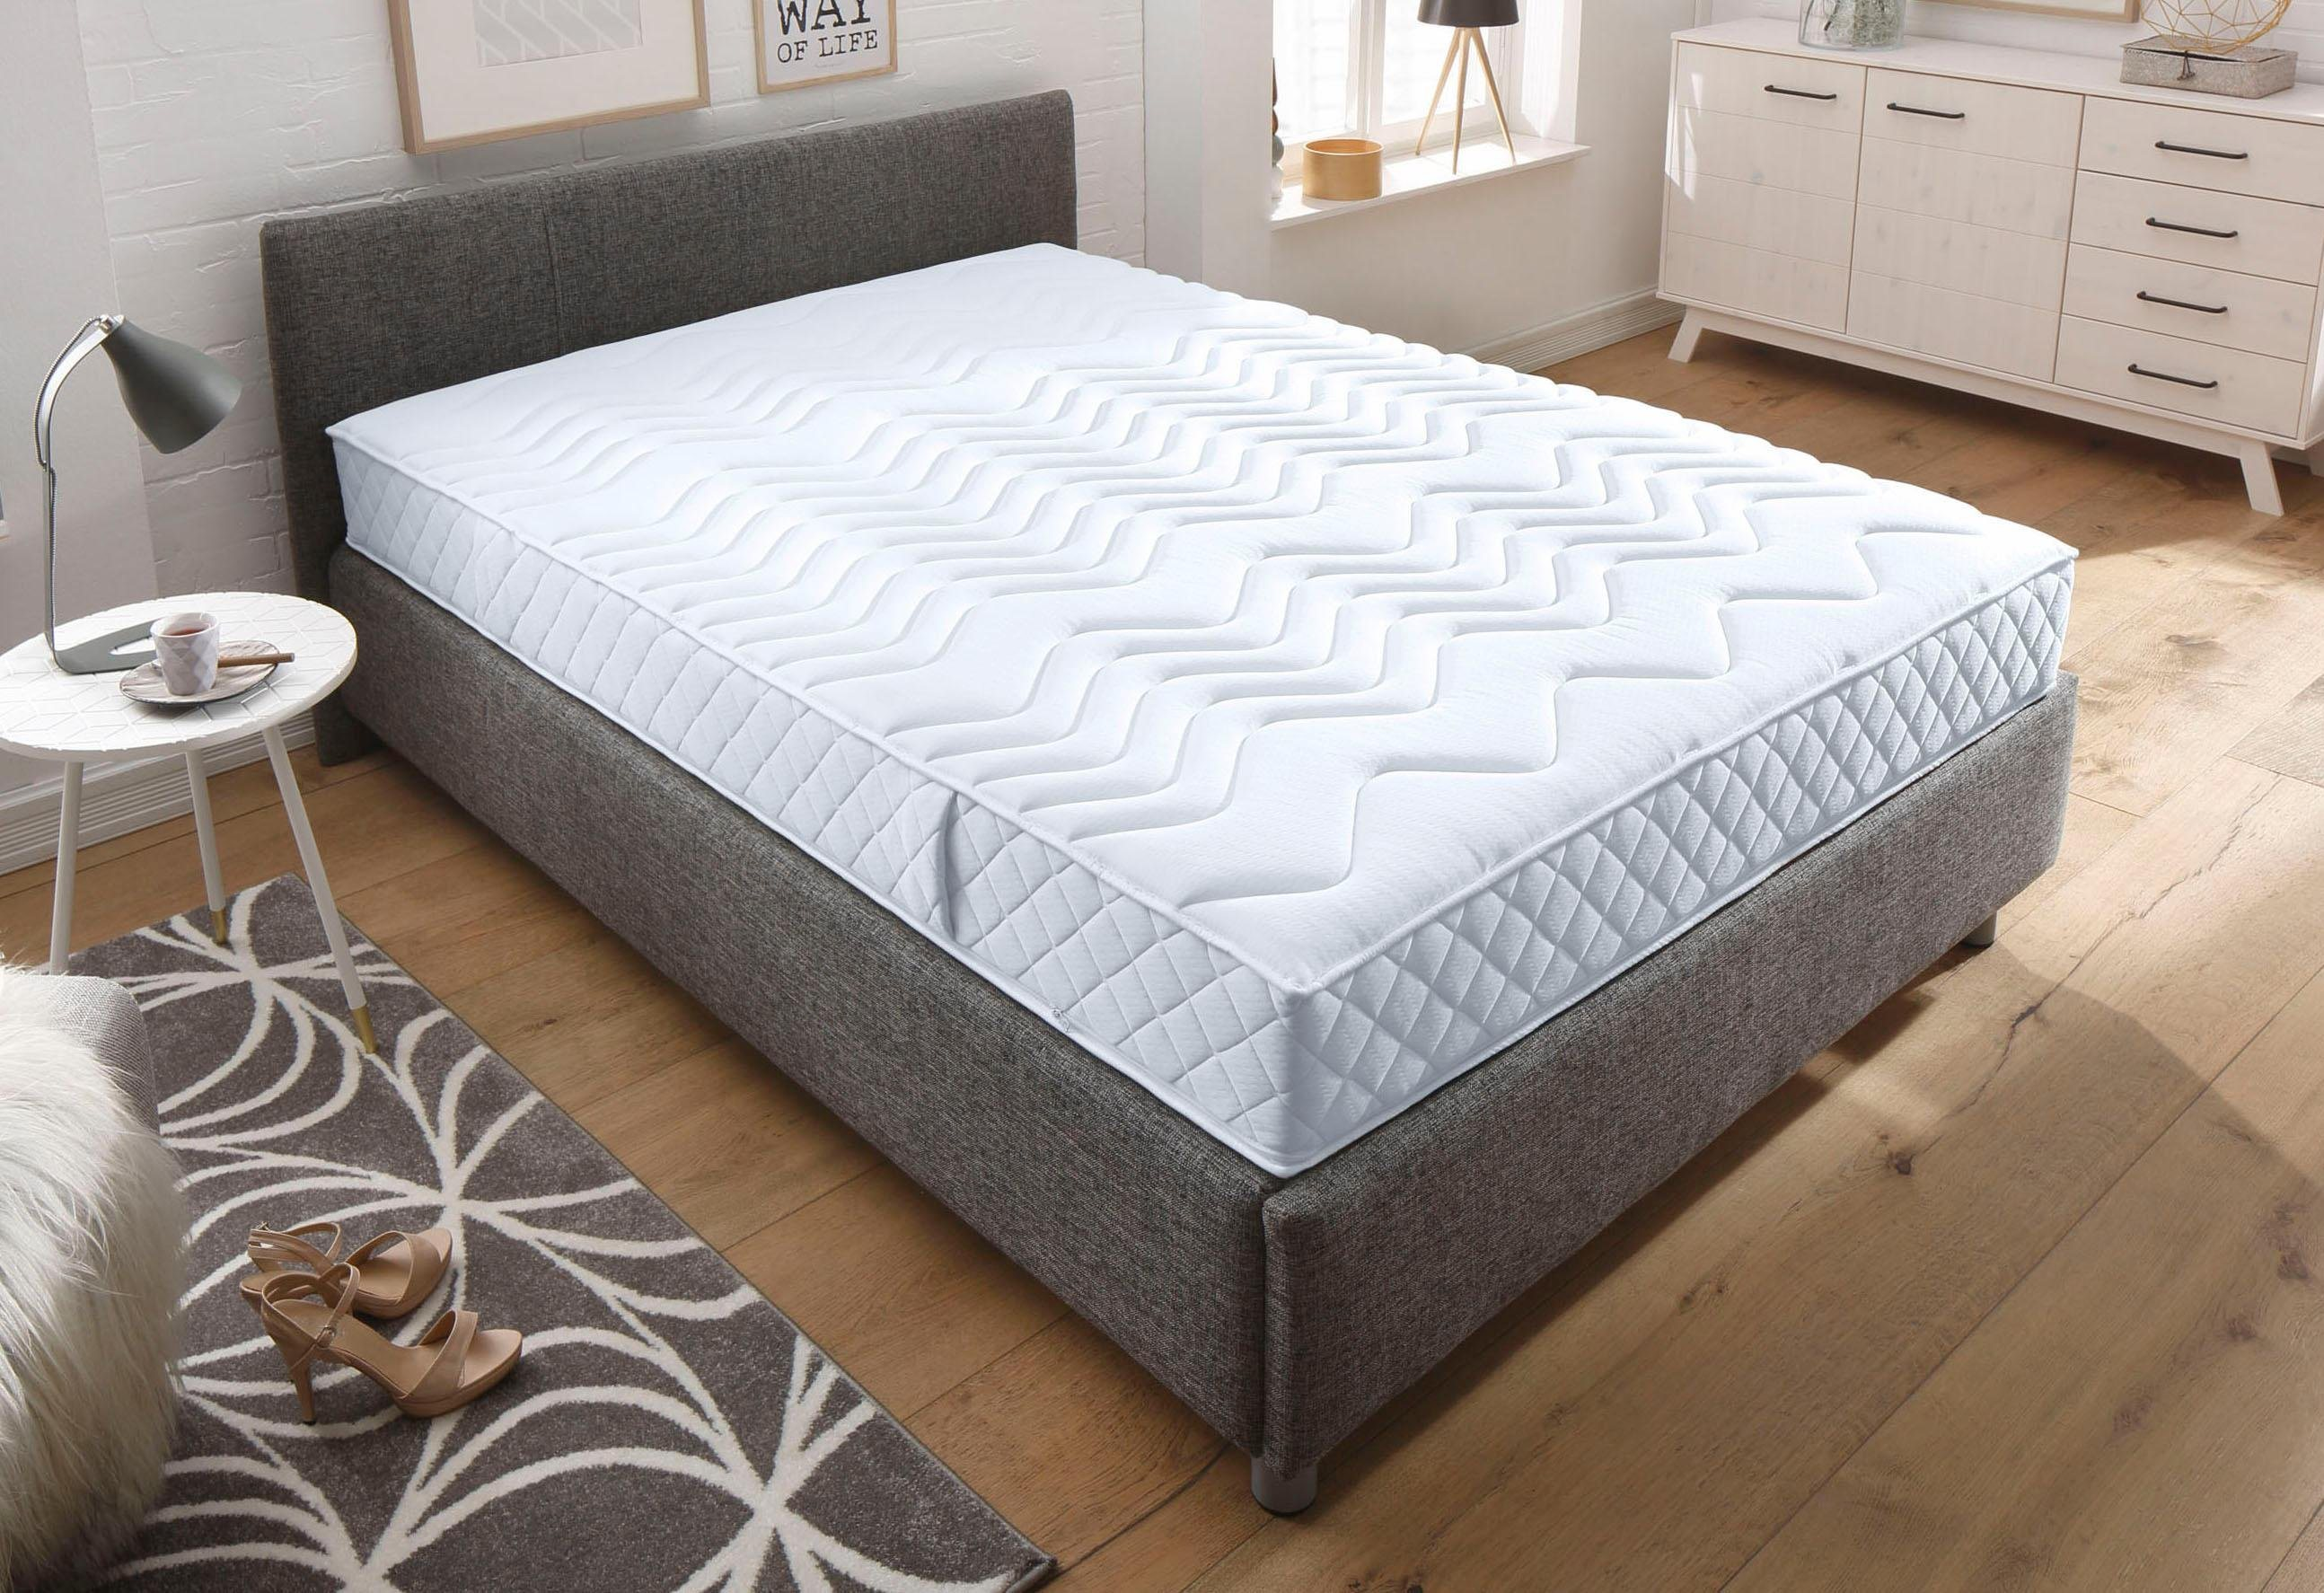 Komfortschaummatratze »Prestige 23 S - Komfort«, Schlaf-Gut, 23 cm hoch, Raumgewicht: 30, (1-tlg), abnehmbarer Bezug | Schlafzimmer > Matratzen > Kaltschaum-matratzen | Schlaf-Gut